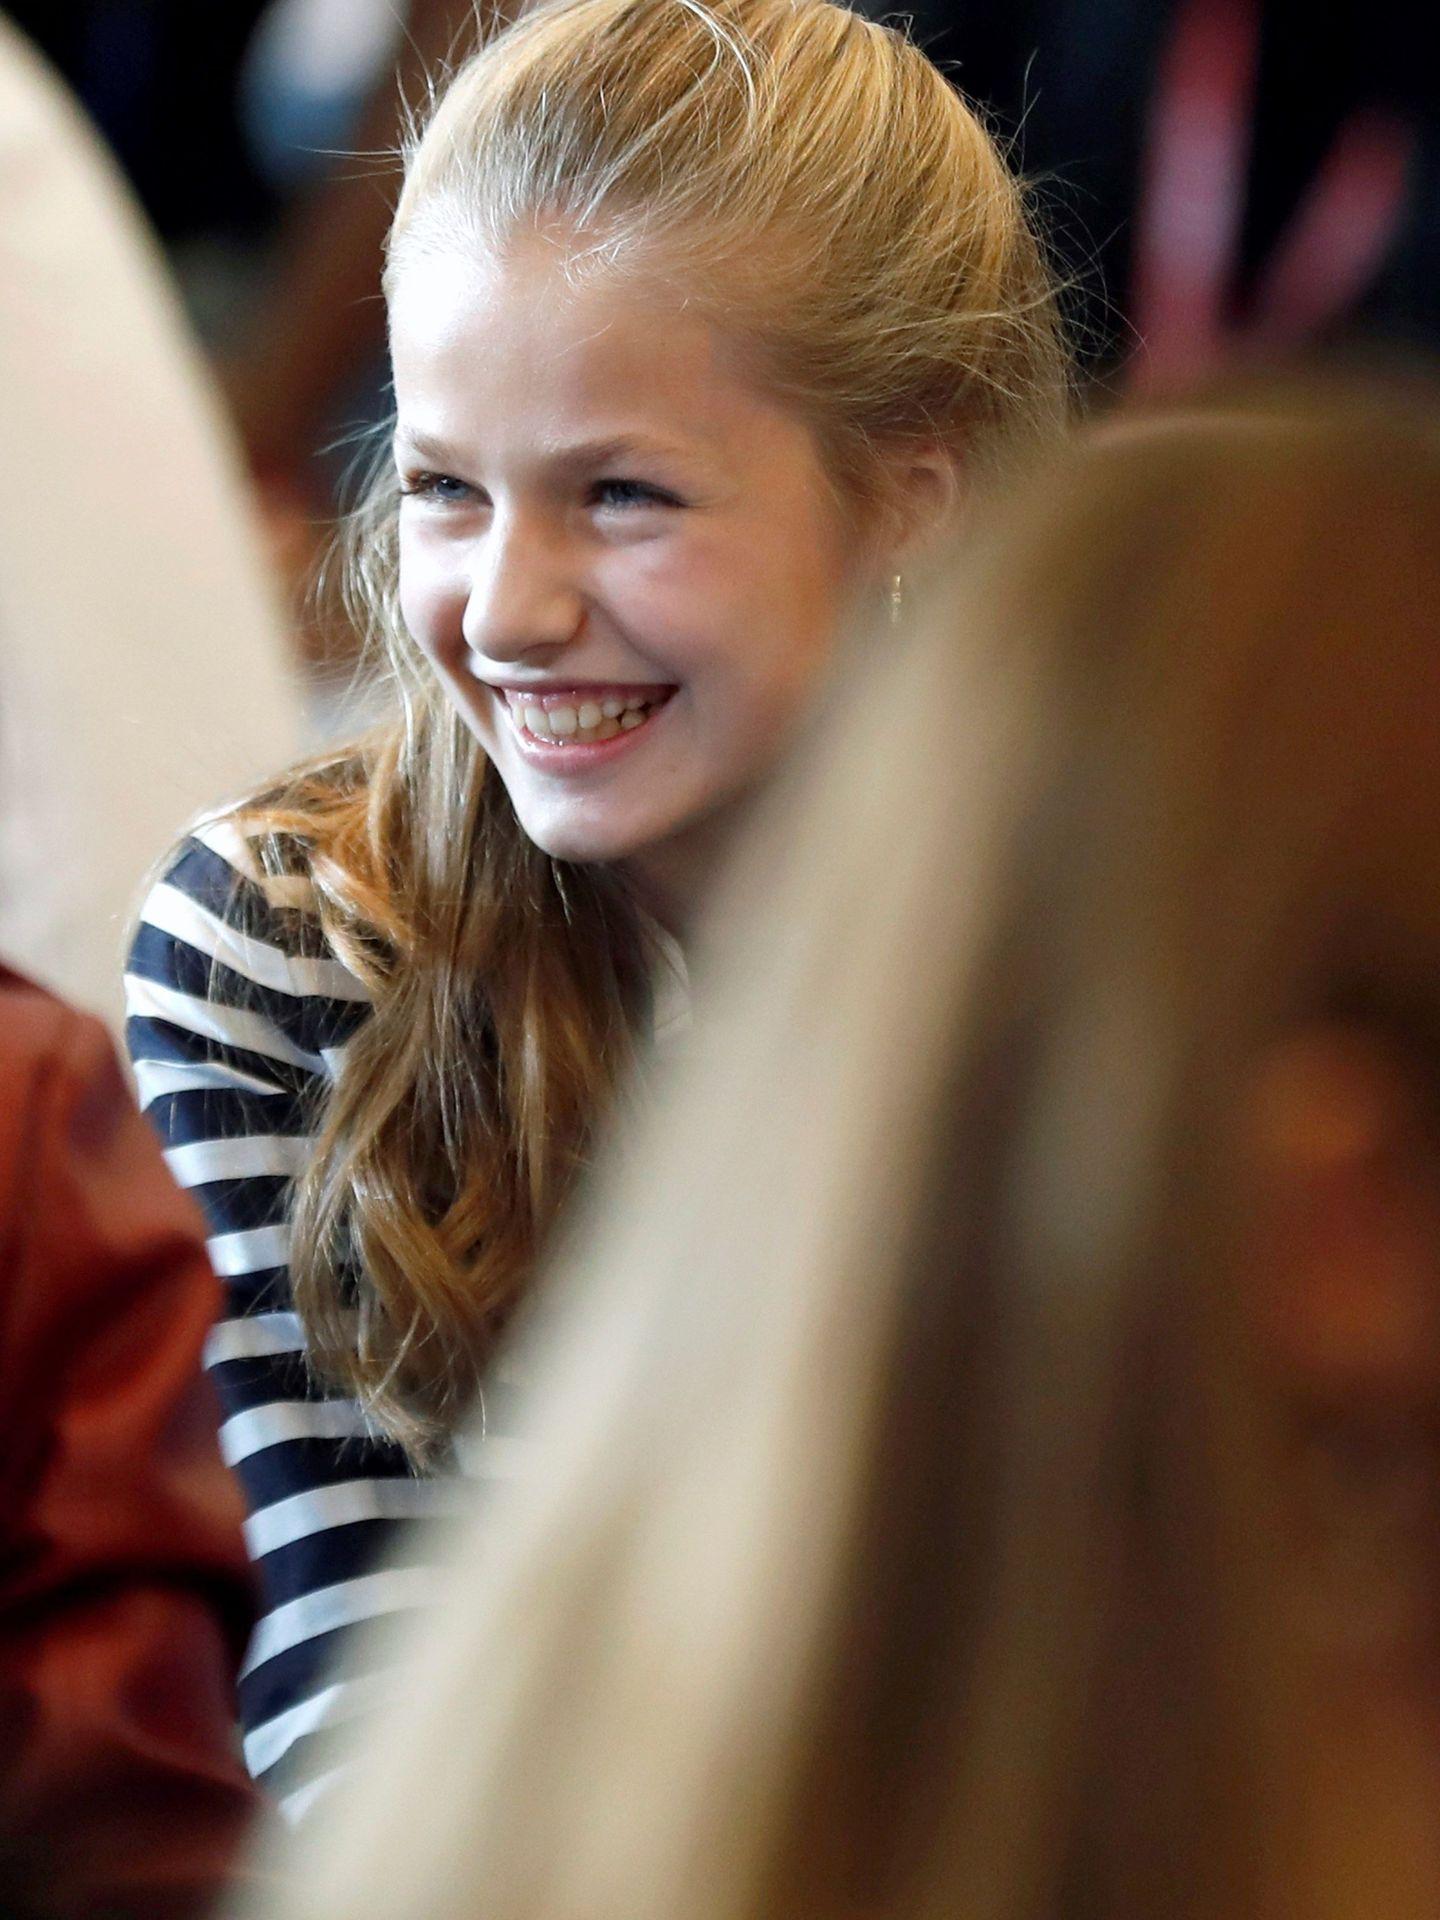 La princesa Leonor ríe divertida en un taller en los X Premios Princesa de Girona.  (EFE)